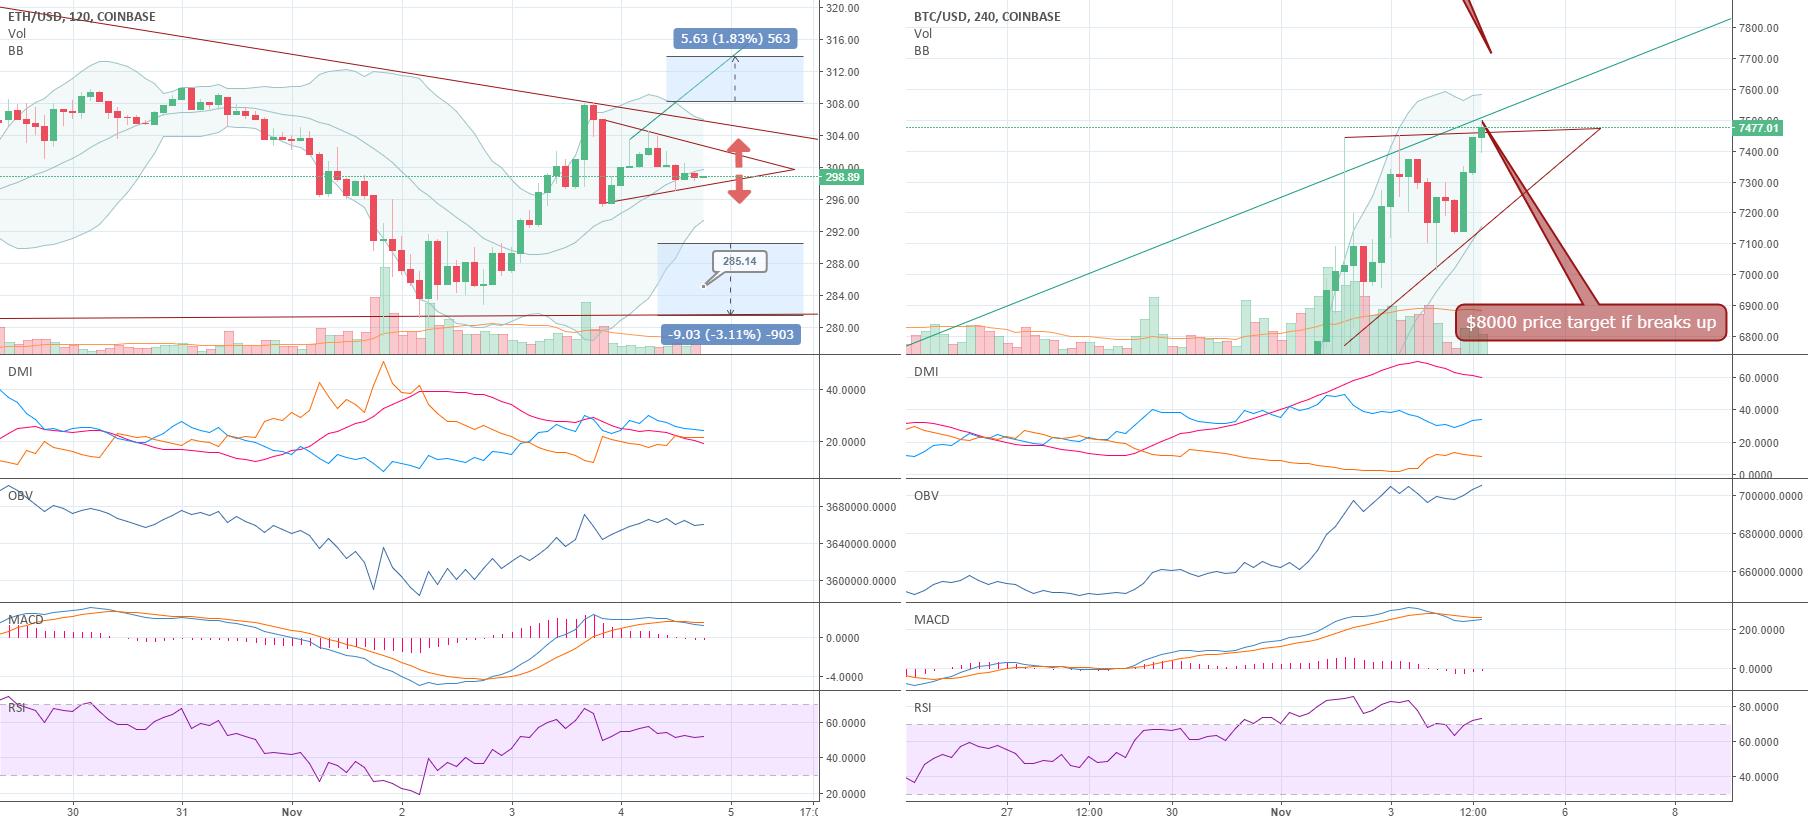 ETH/USD & BTC/USD (Day Trades)